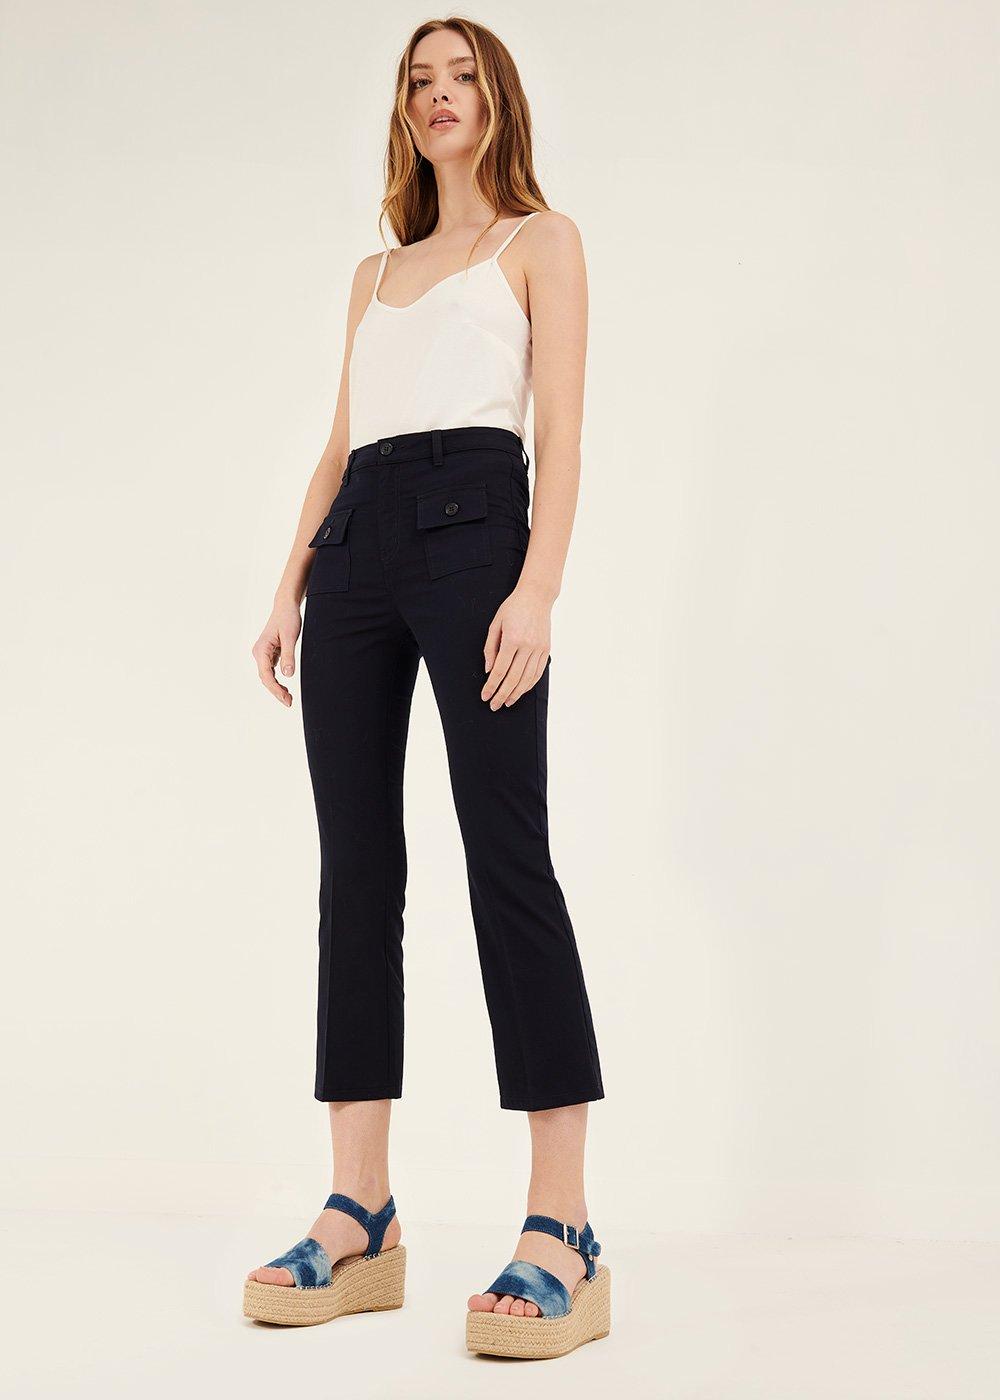 Pantalone Cindy con tasche sul davanti - Oltremare - Donna